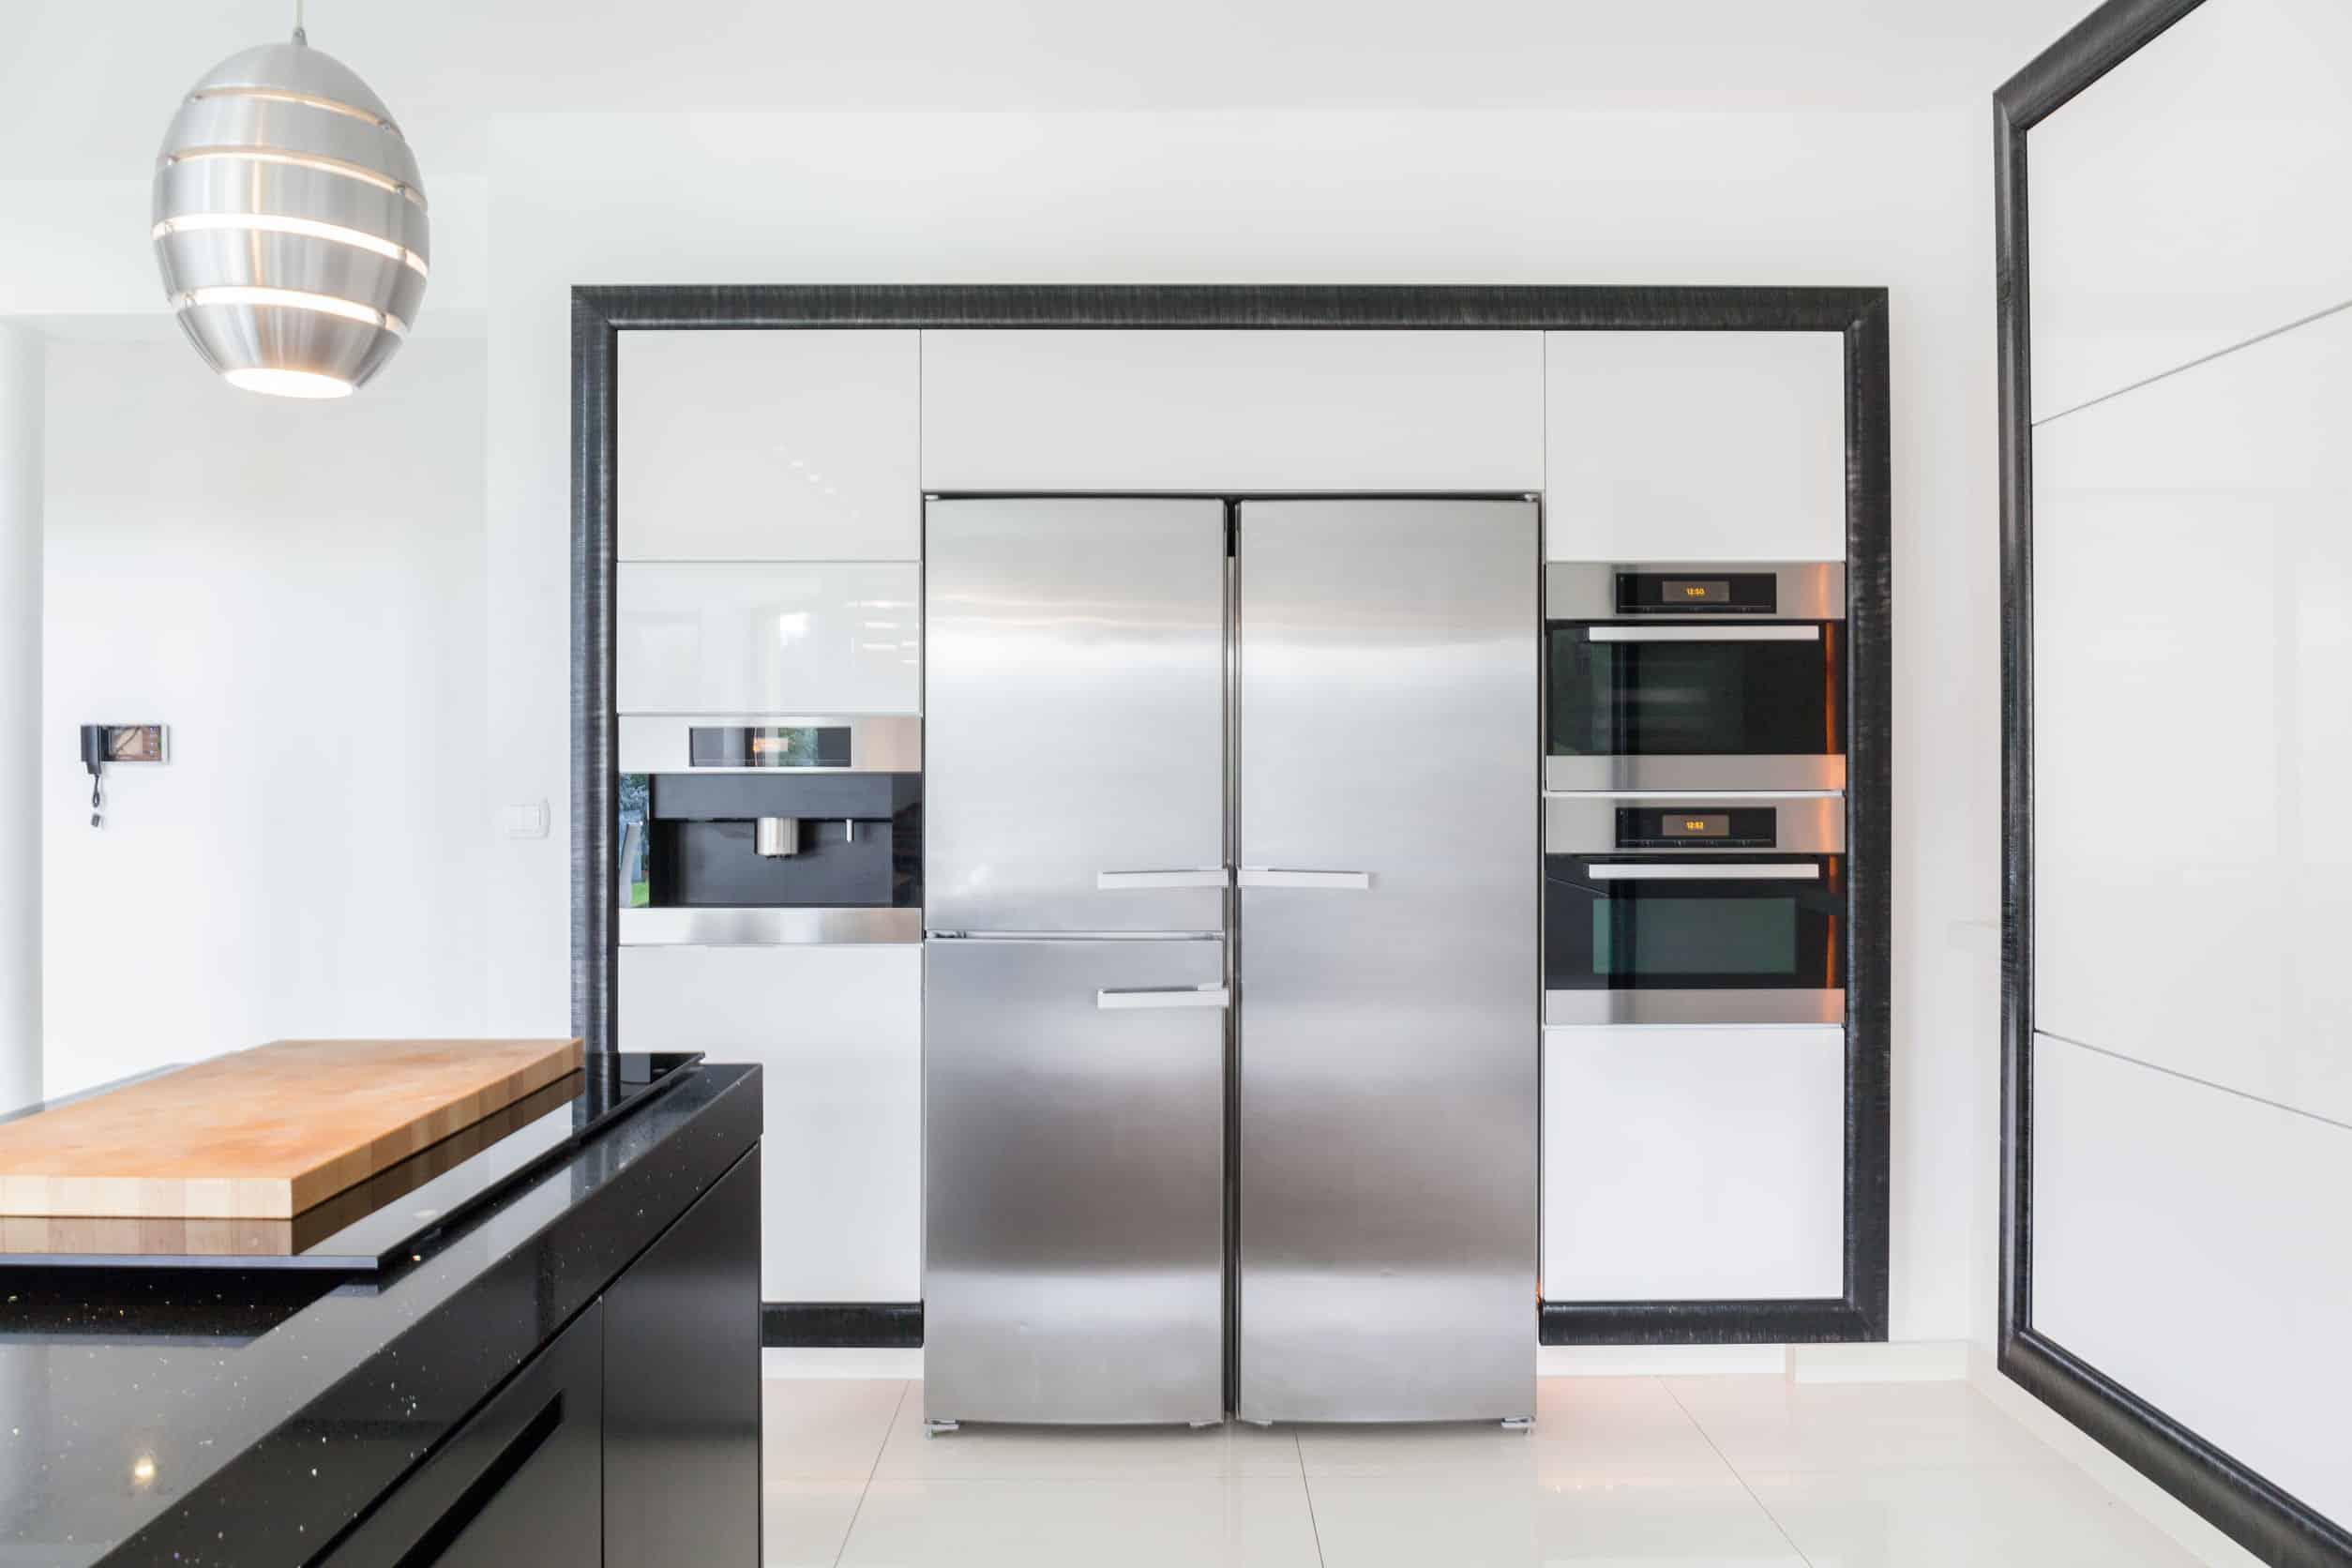 Cozinha branca e preta com geladeira na cor inox do tipo Side by Side.